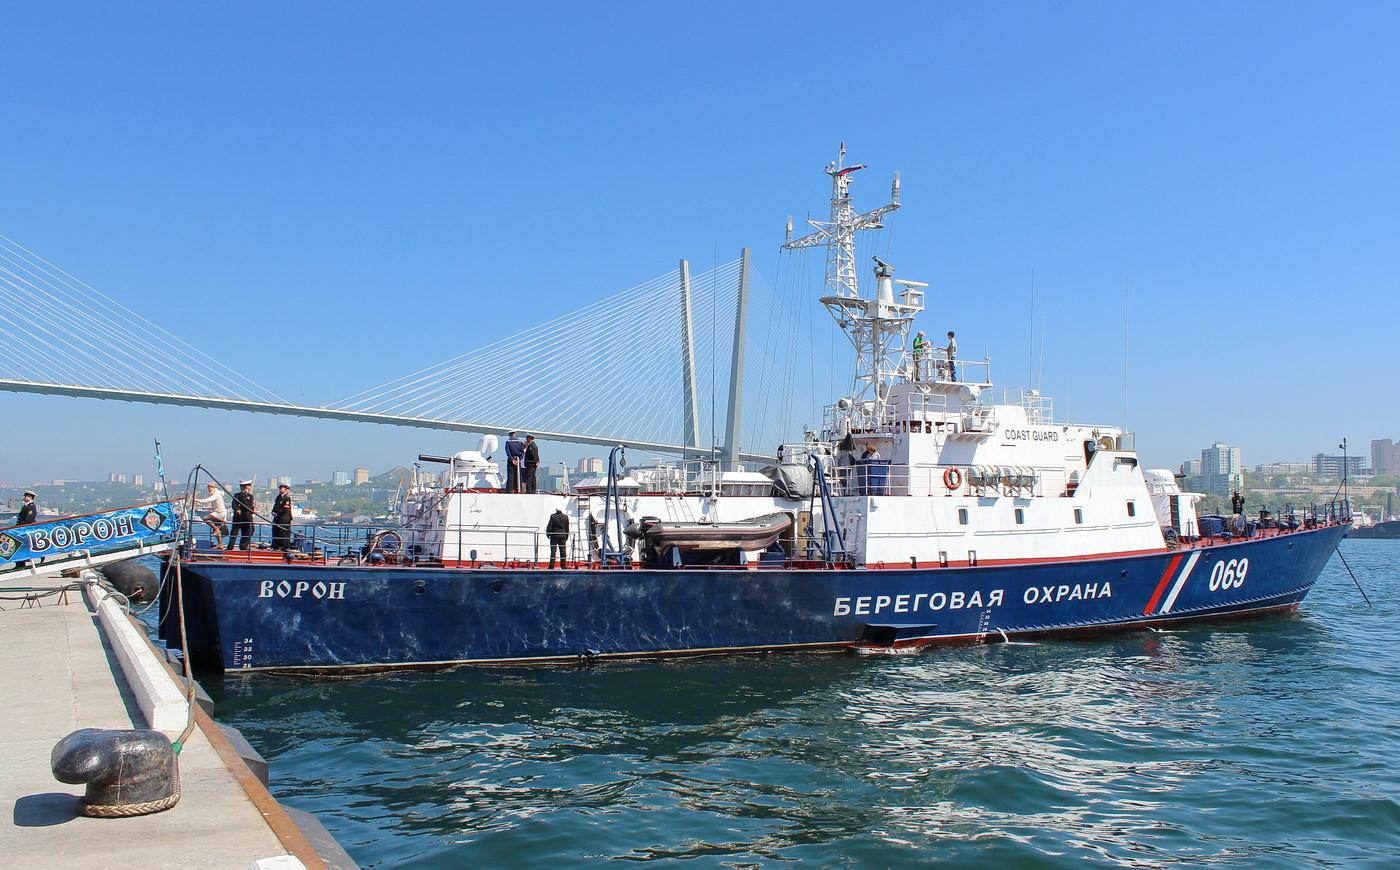 Корабли яхты фото формируют